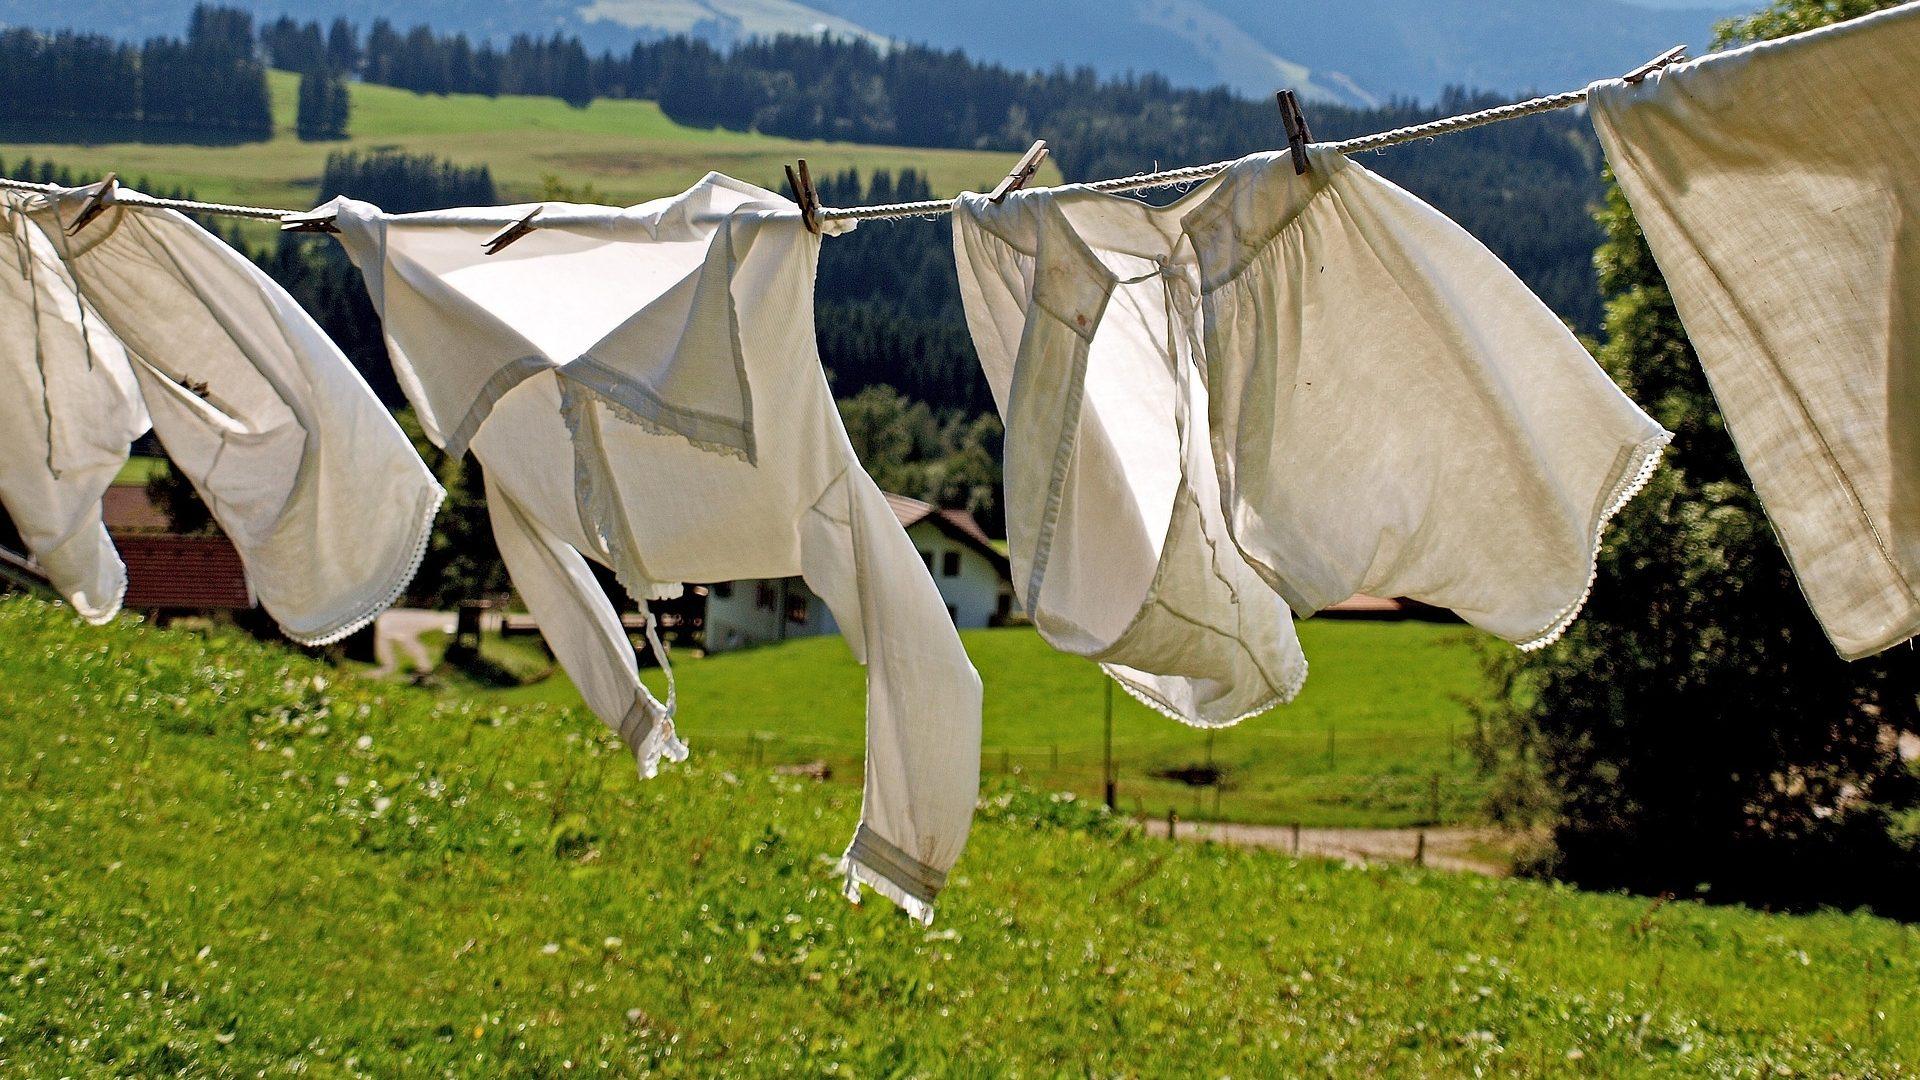 ซักผ้า บิดผ้ามากเกินไป โรคปลอกหุ้มเอ็นข้อมืออักเสบ